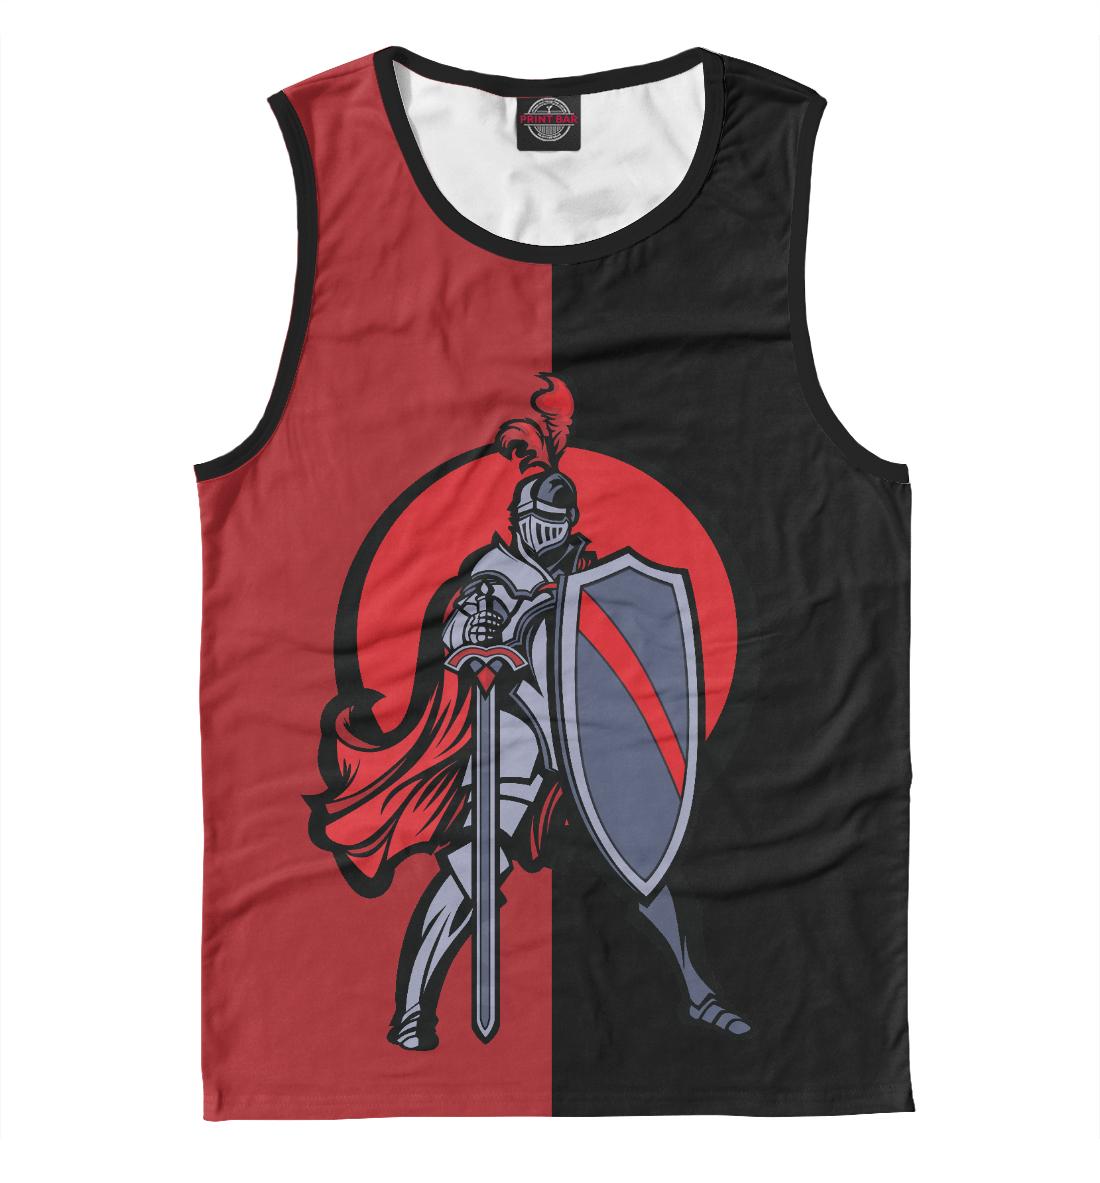 Купить Рыцарь, Printbar, Майки, APD-847240-may-2